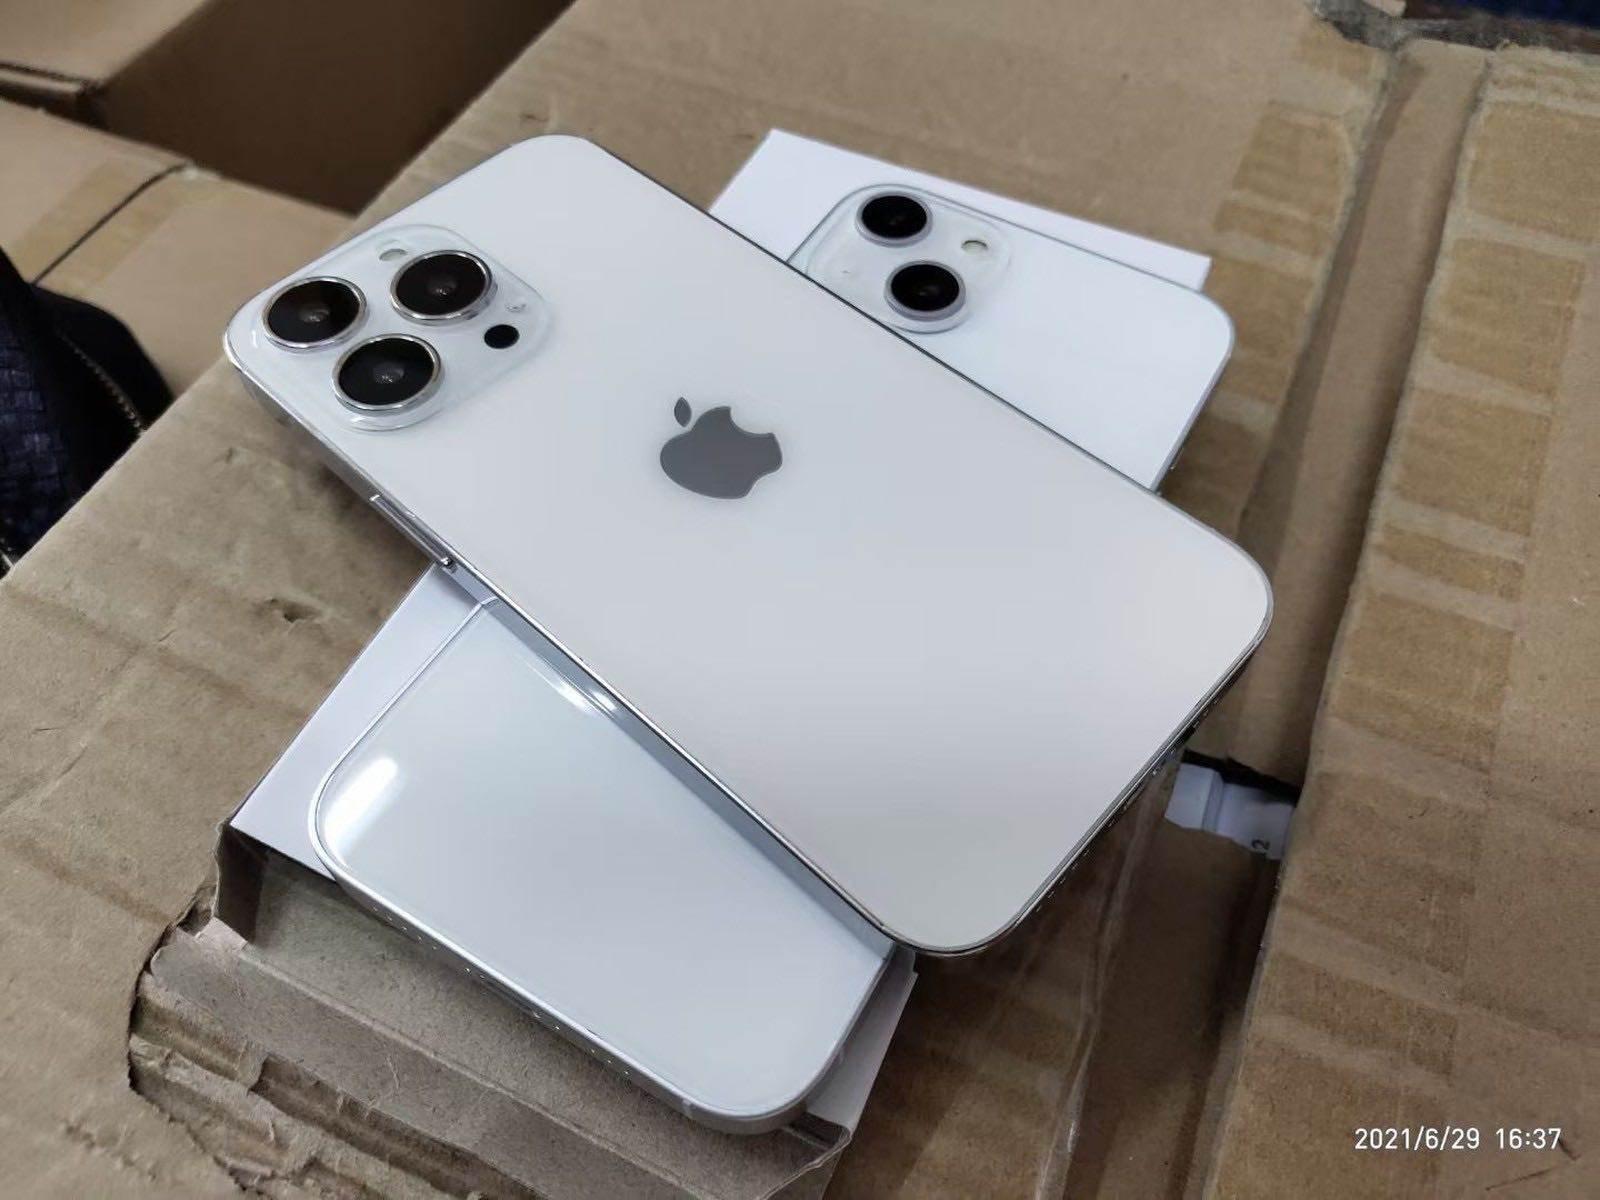 W sieci pojawiły się nowe zdjęcia atrap iPhone 13 / 13 Pro polecane, ciekawostki makiety, iPhone 13 Pro, iPhone 13, atrapy  W sieci pojawiły się nowe zdjęcia atrap iPhone 13 Pro i iPhone 13, która potwierdzają nowy układ kamer w podstawowej trzynastce i mniejszy notch. iP13 2